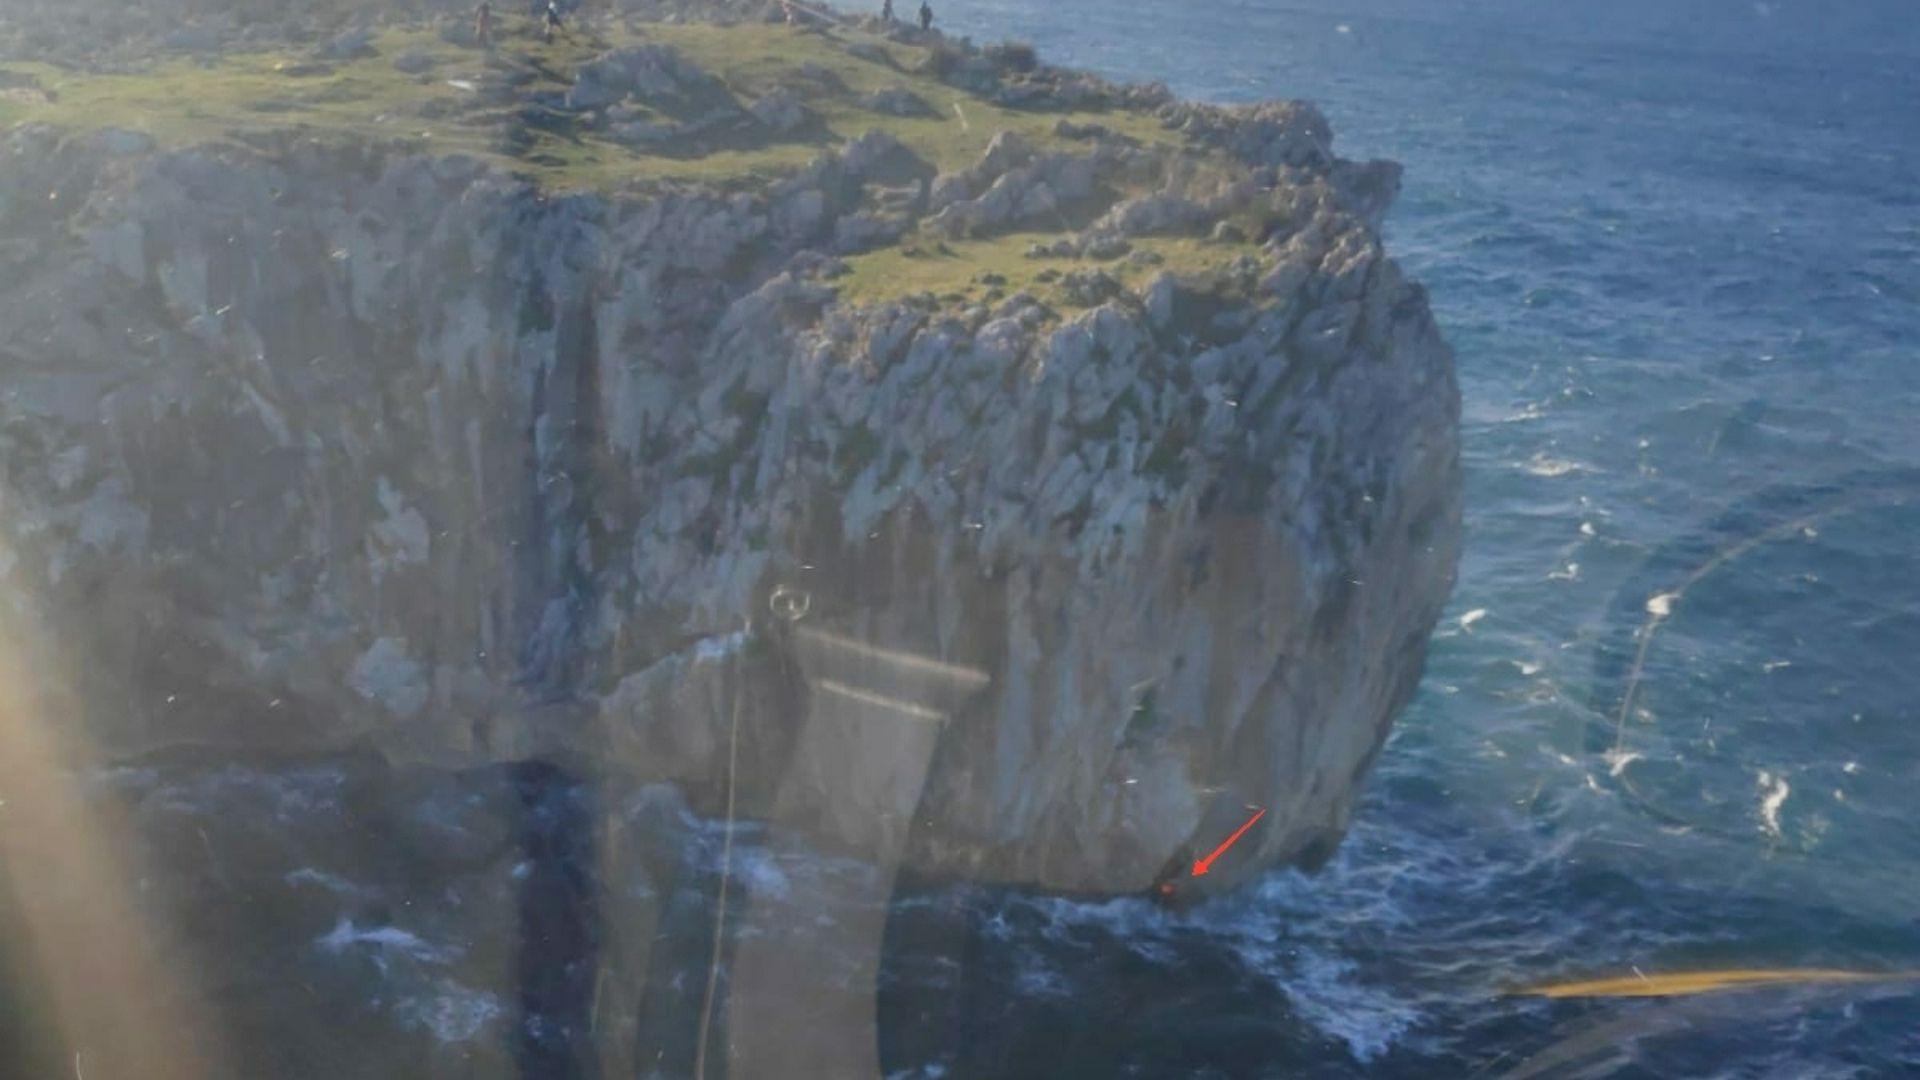 La flecha indica el lugar en el que se encontraba la persona rescatada en Llanes